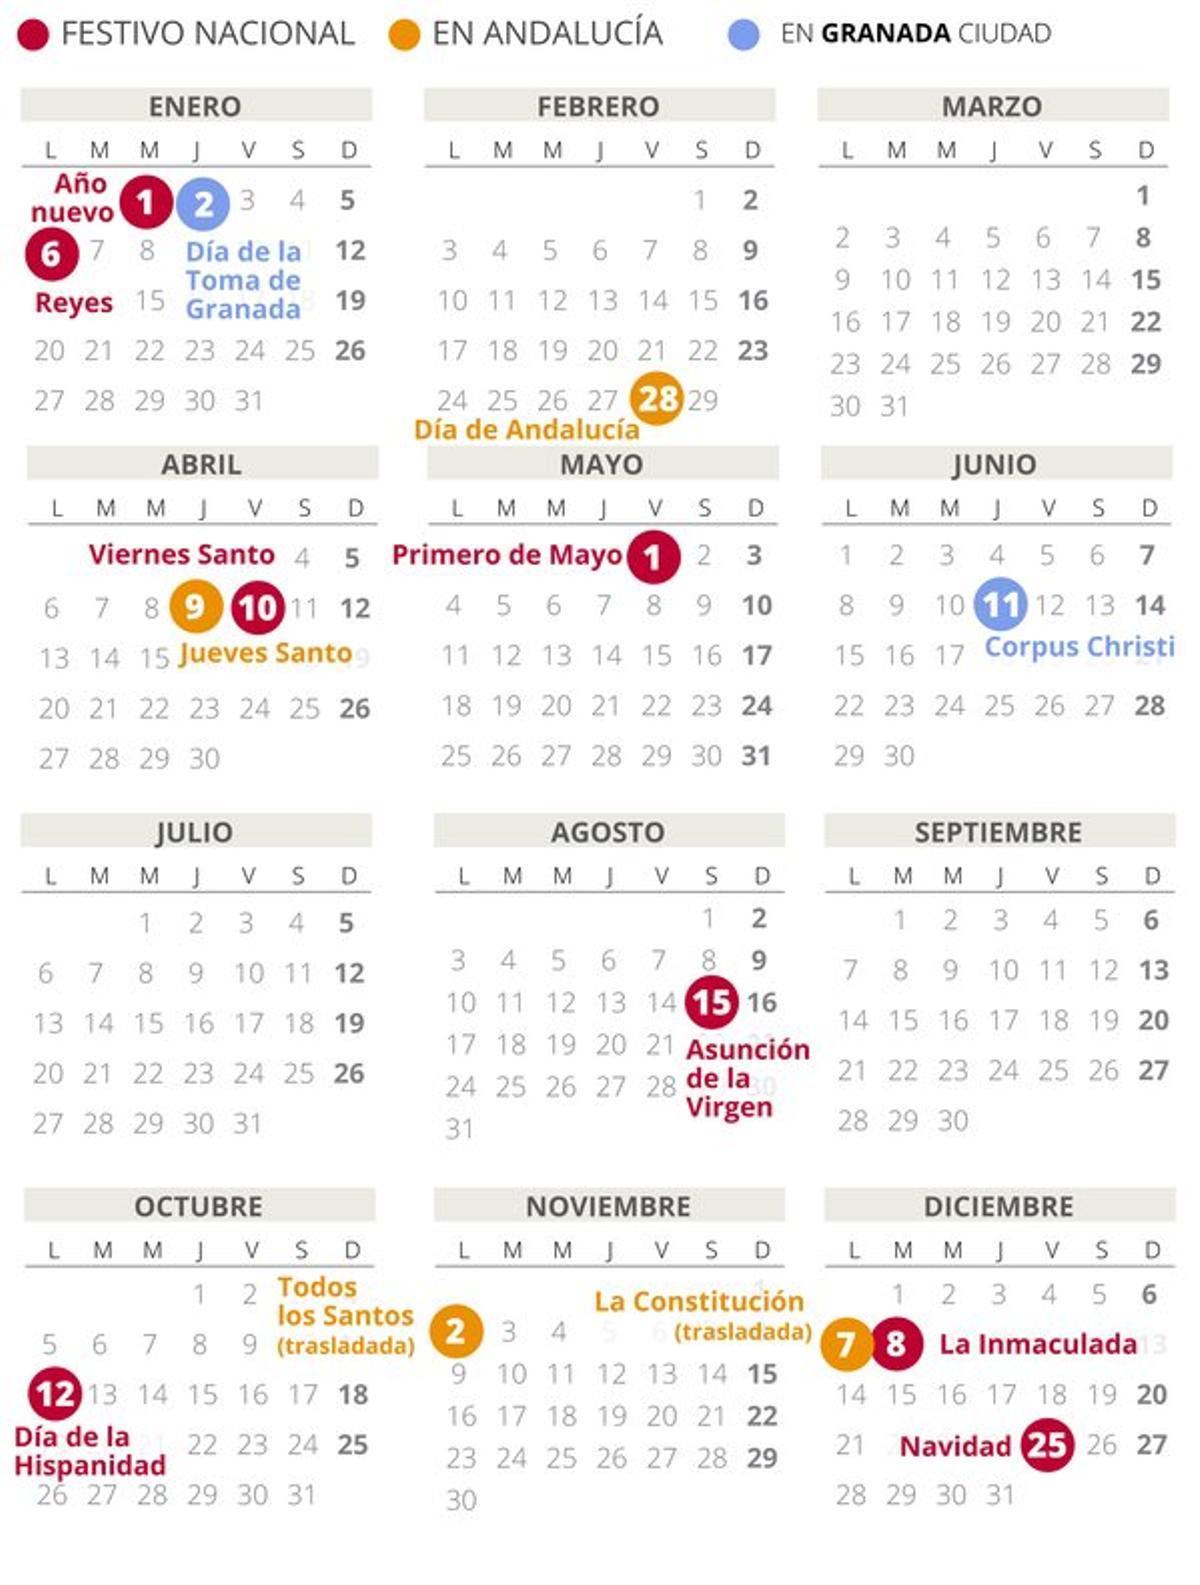 Calendario laboral de Granada del 2020.